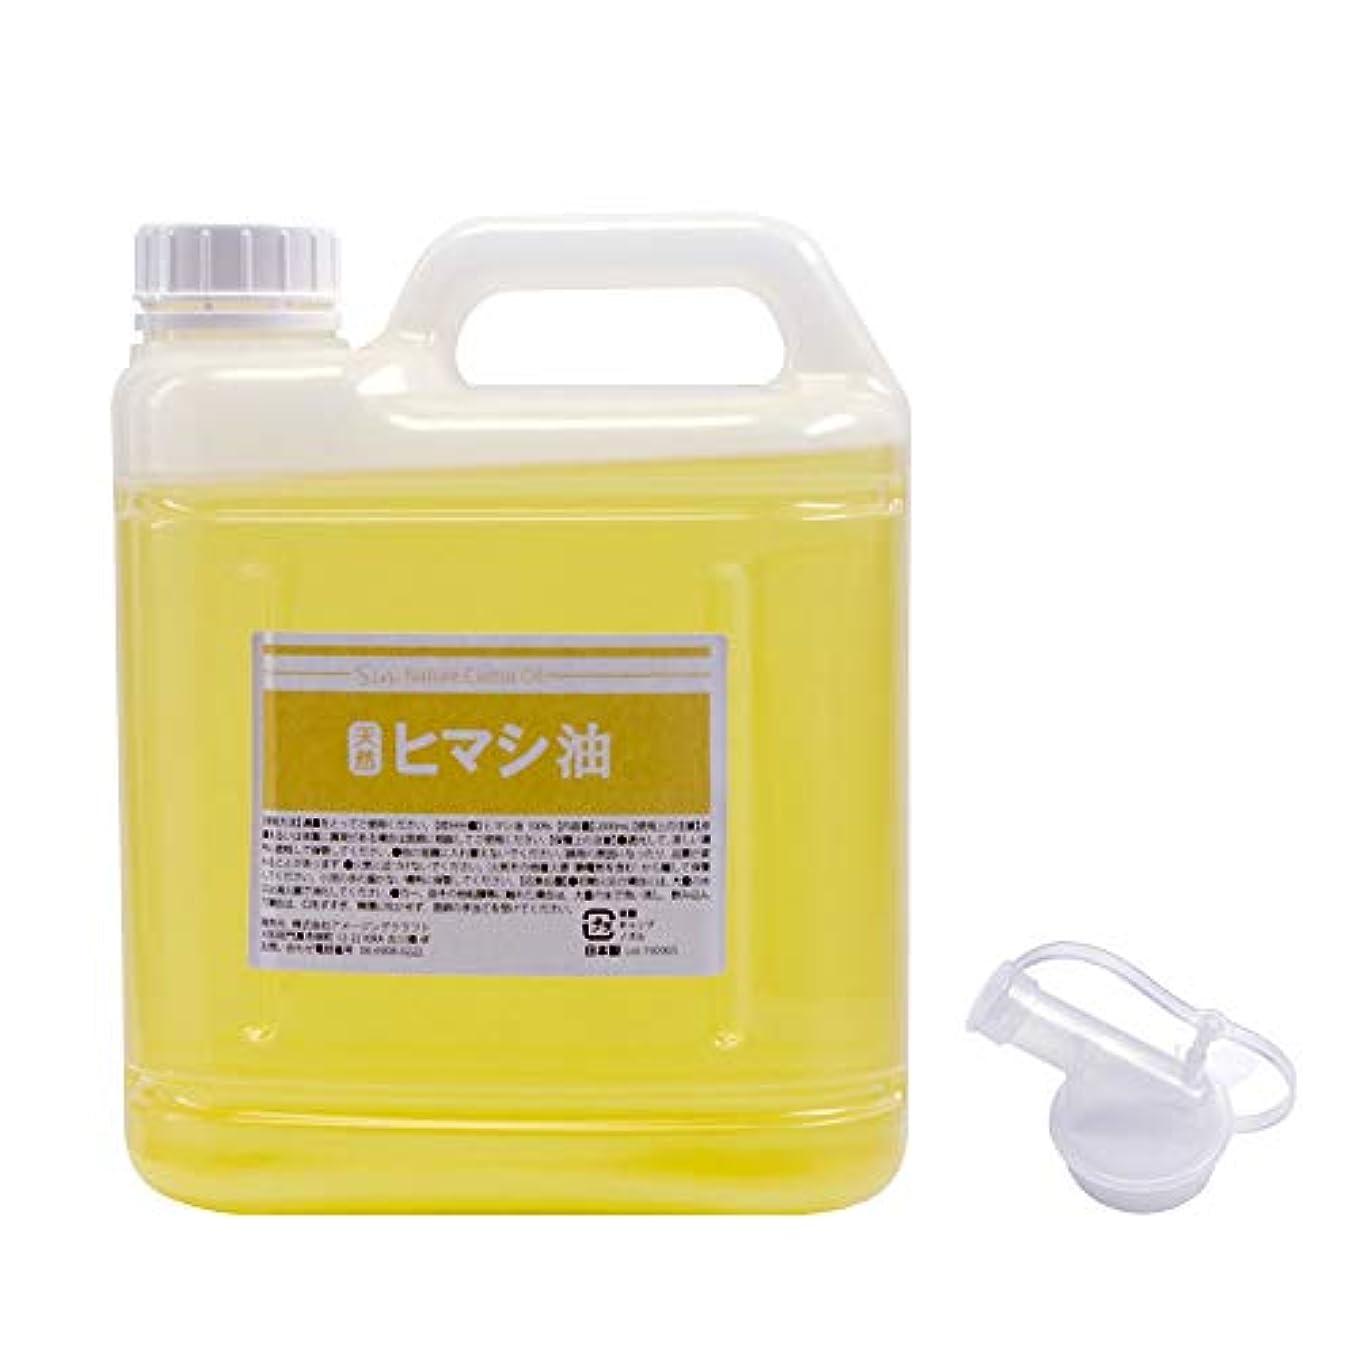 ひねくれた押す同化天然無添加 国内精製ひまし油 (キャスターオイル) 2000ml 2L